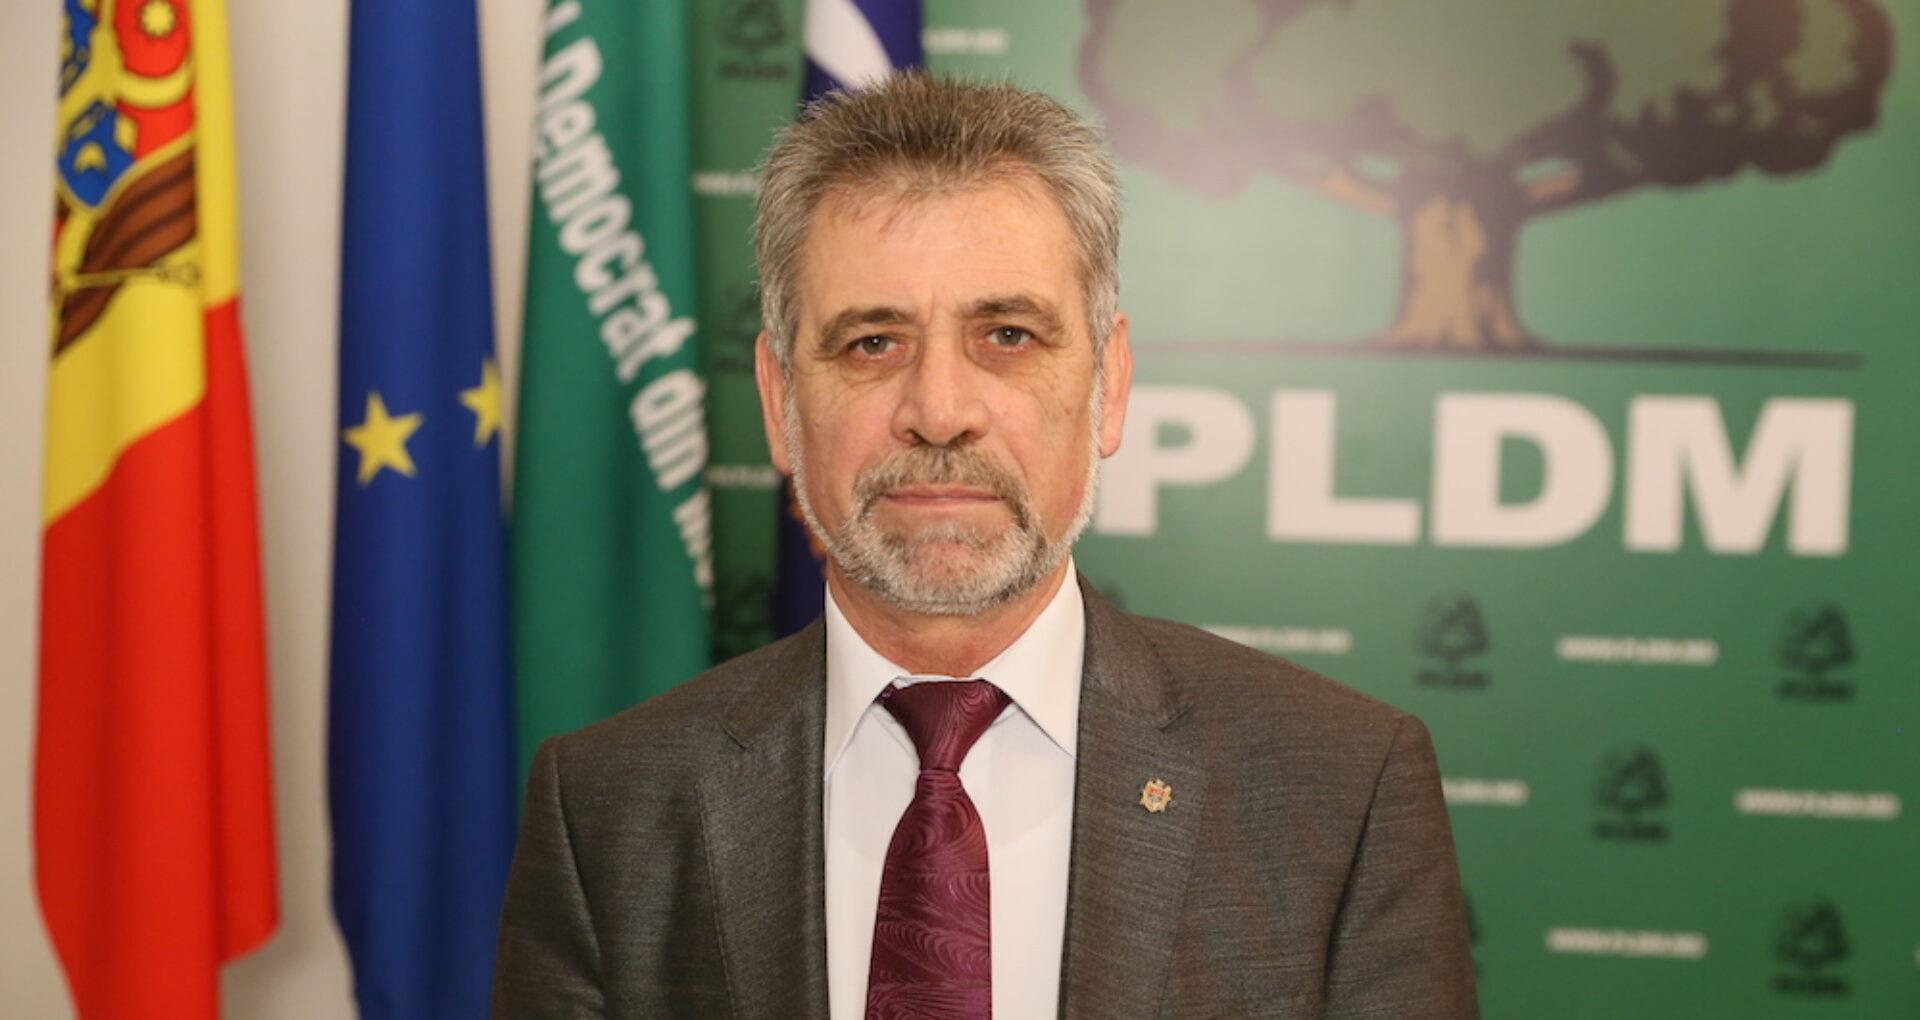 Tudor Deliu a fost înregistrat în calitate de candidat la funcția de Președinte al R. Moldova din partea PLDM